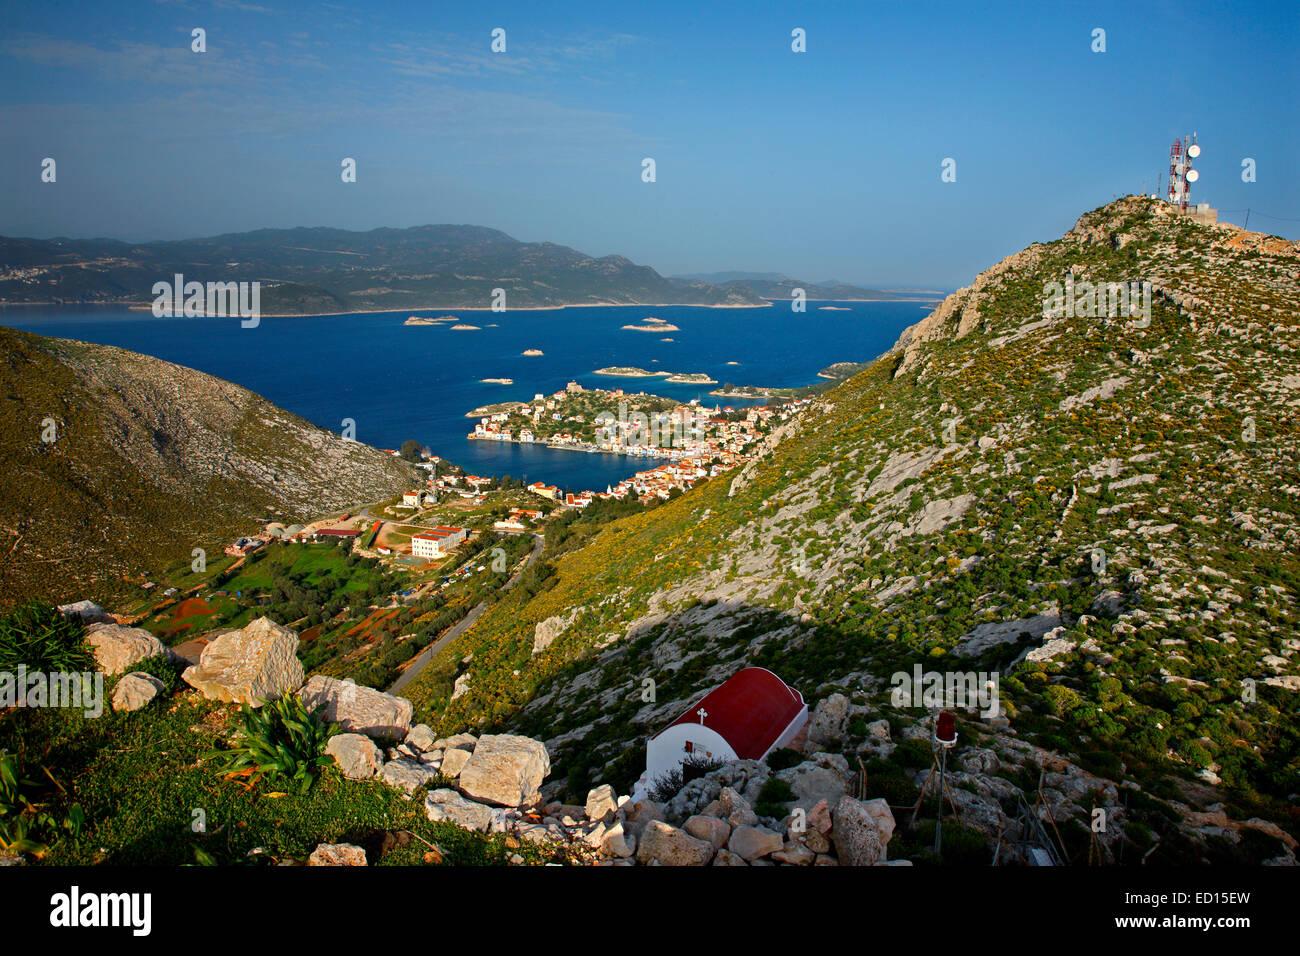 """Panoramablick auf das malerische Dorf von Kastellorizo (oder """"Meghisti"""") Insel, Dodekanes, Griechenland Stockfoto"""